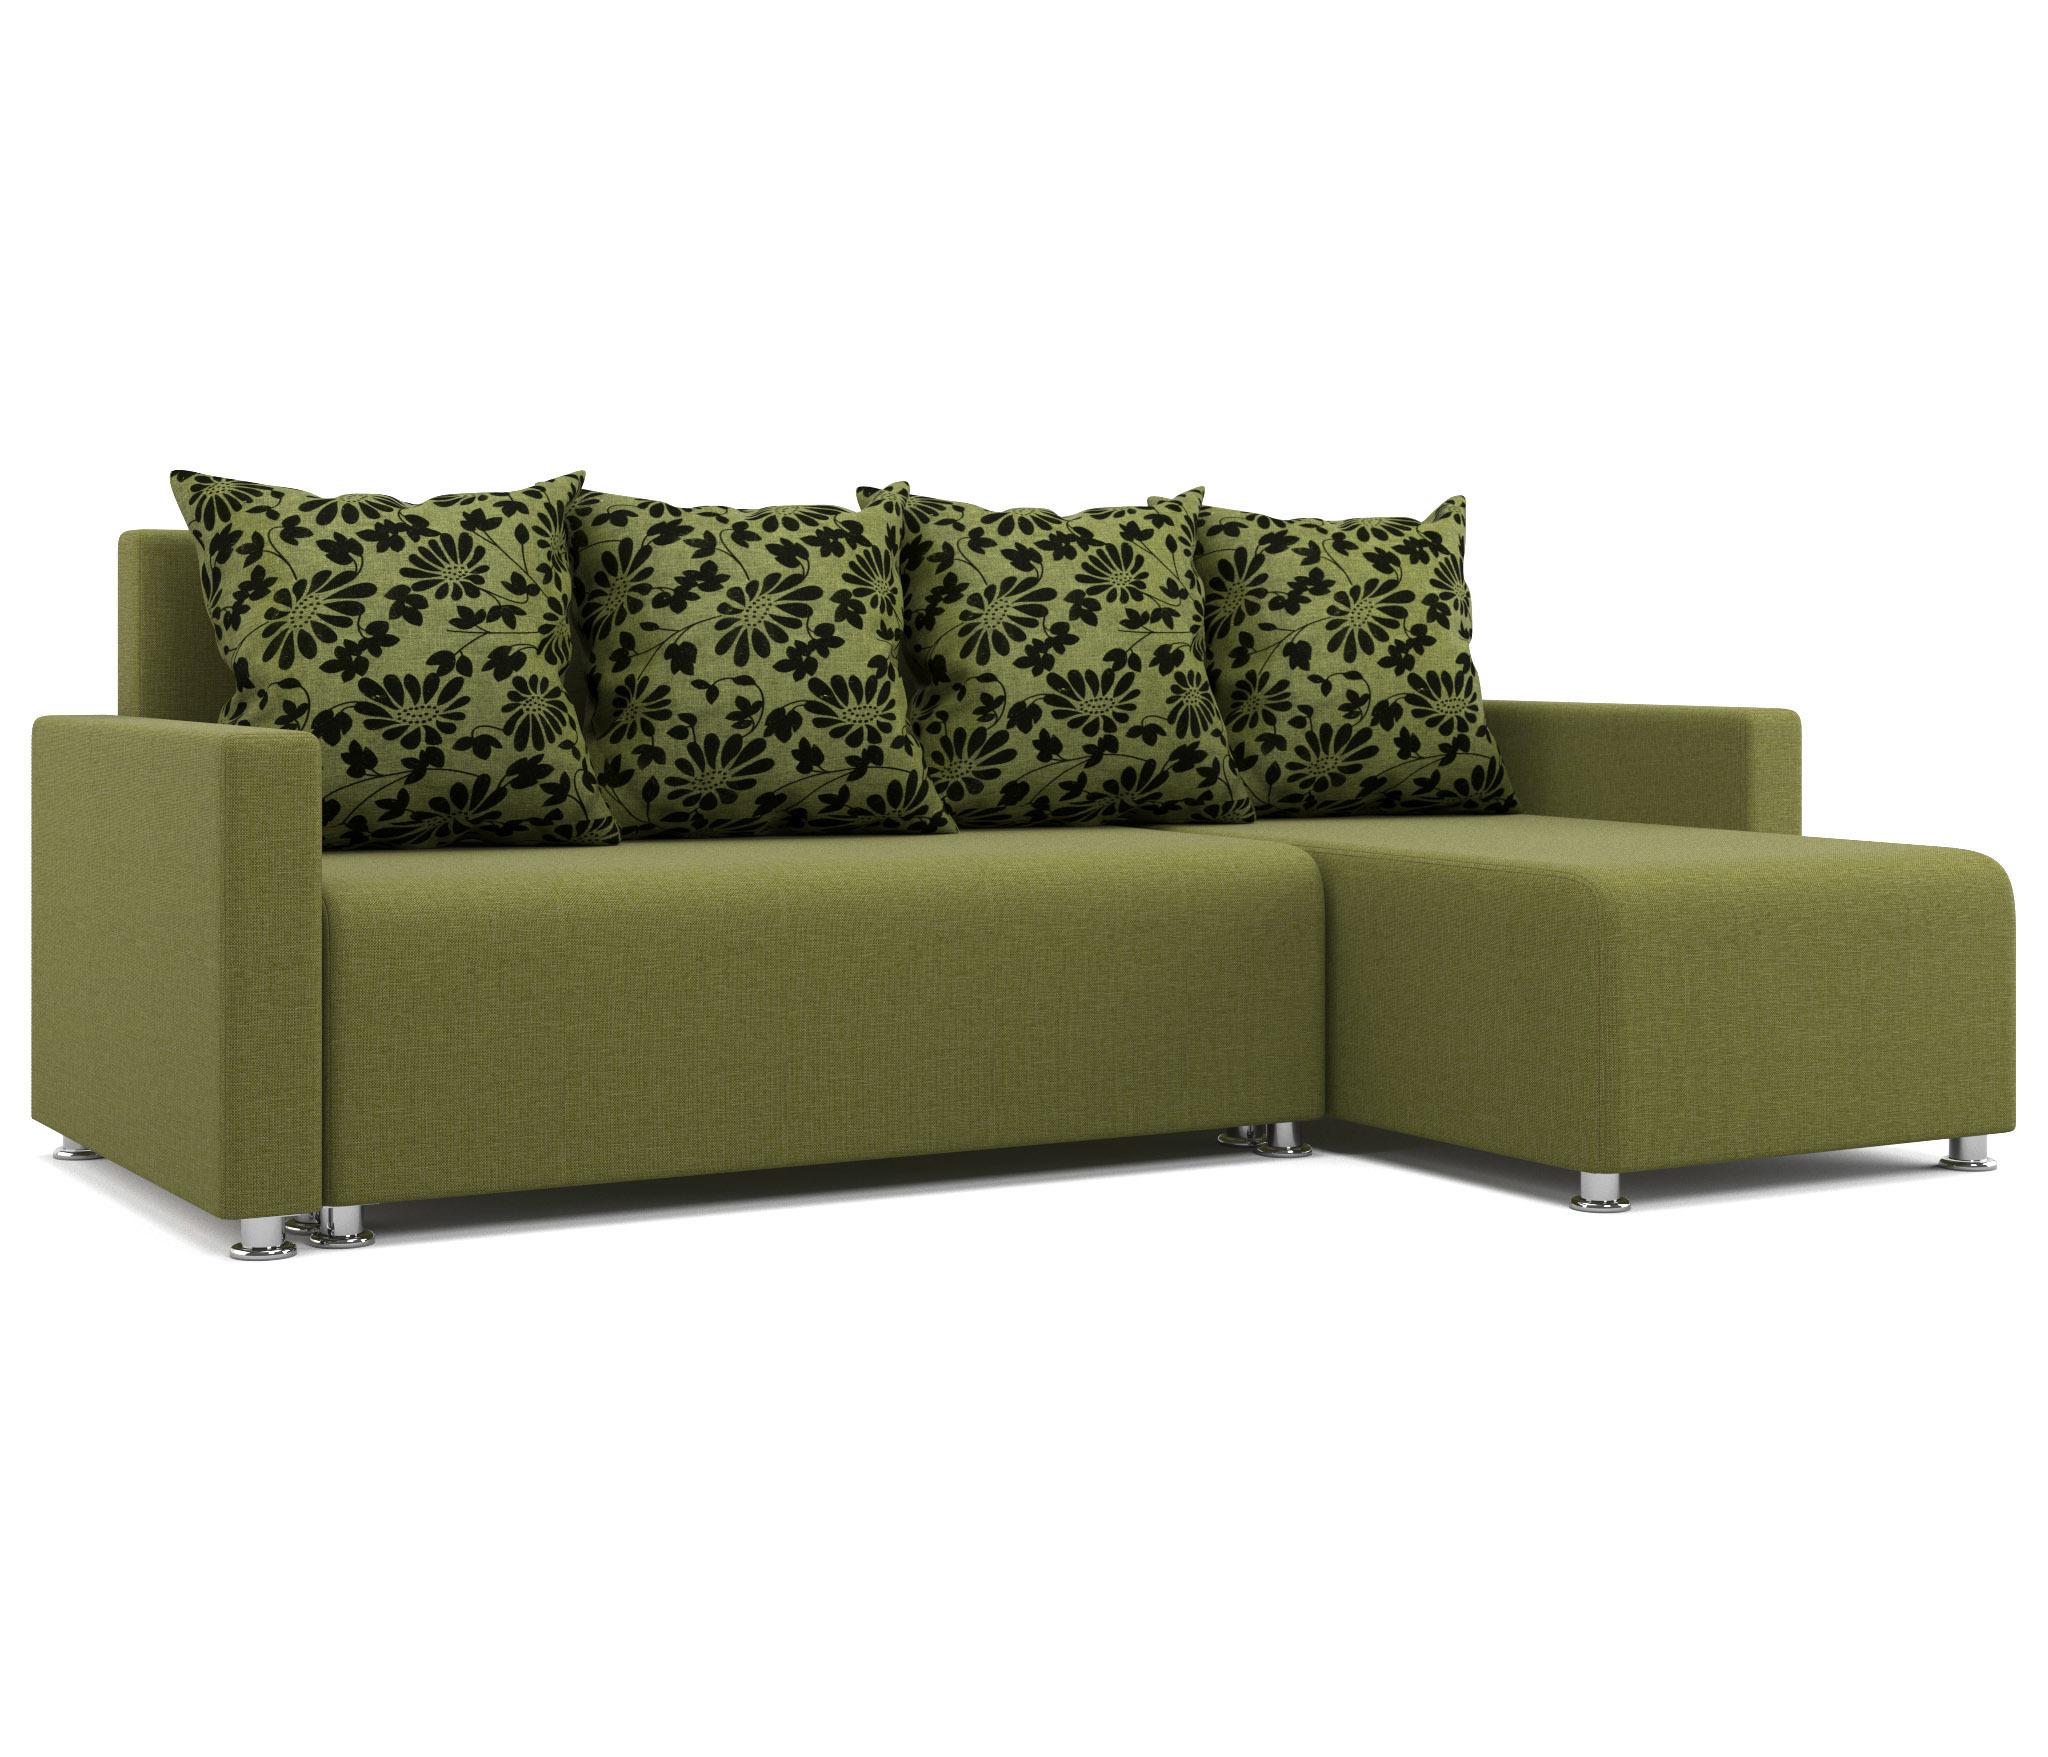 Челси угловой диван-кровать У(П)Л Durando 8/Durando Flover 8 Столплит